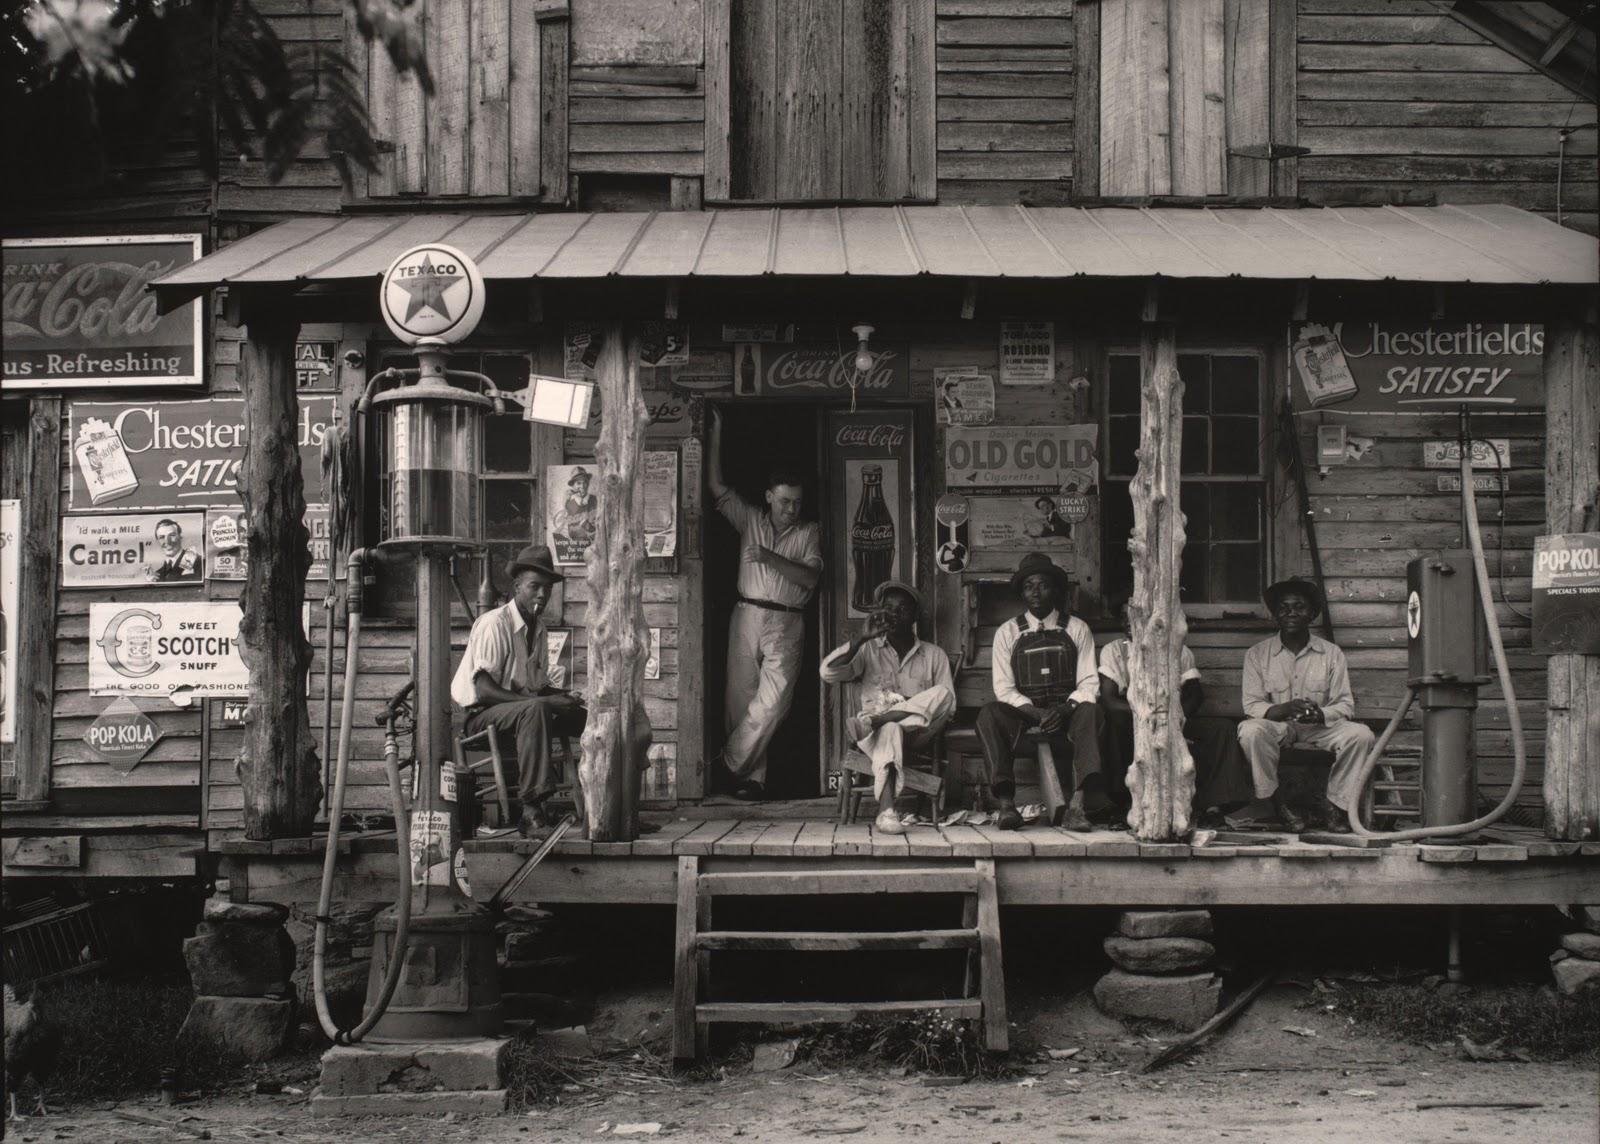 Fotografía de hombres de color en los años 50 en la puerta de una tienda hecha por Dorothea Lange